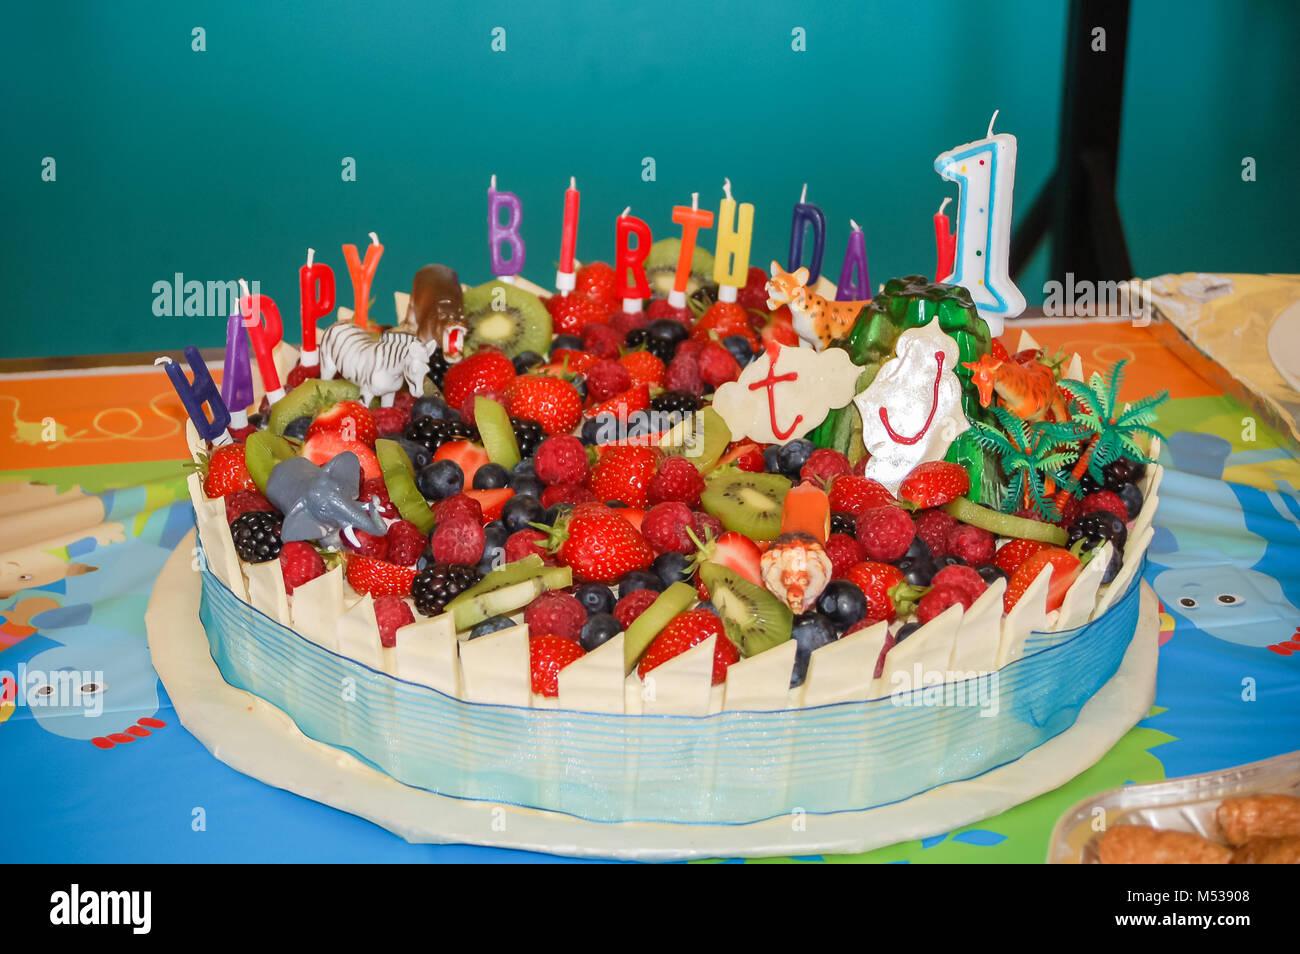 Una prima torta di compleanno decorata con frutta estiva, toy animali e  candeline di compleanno.